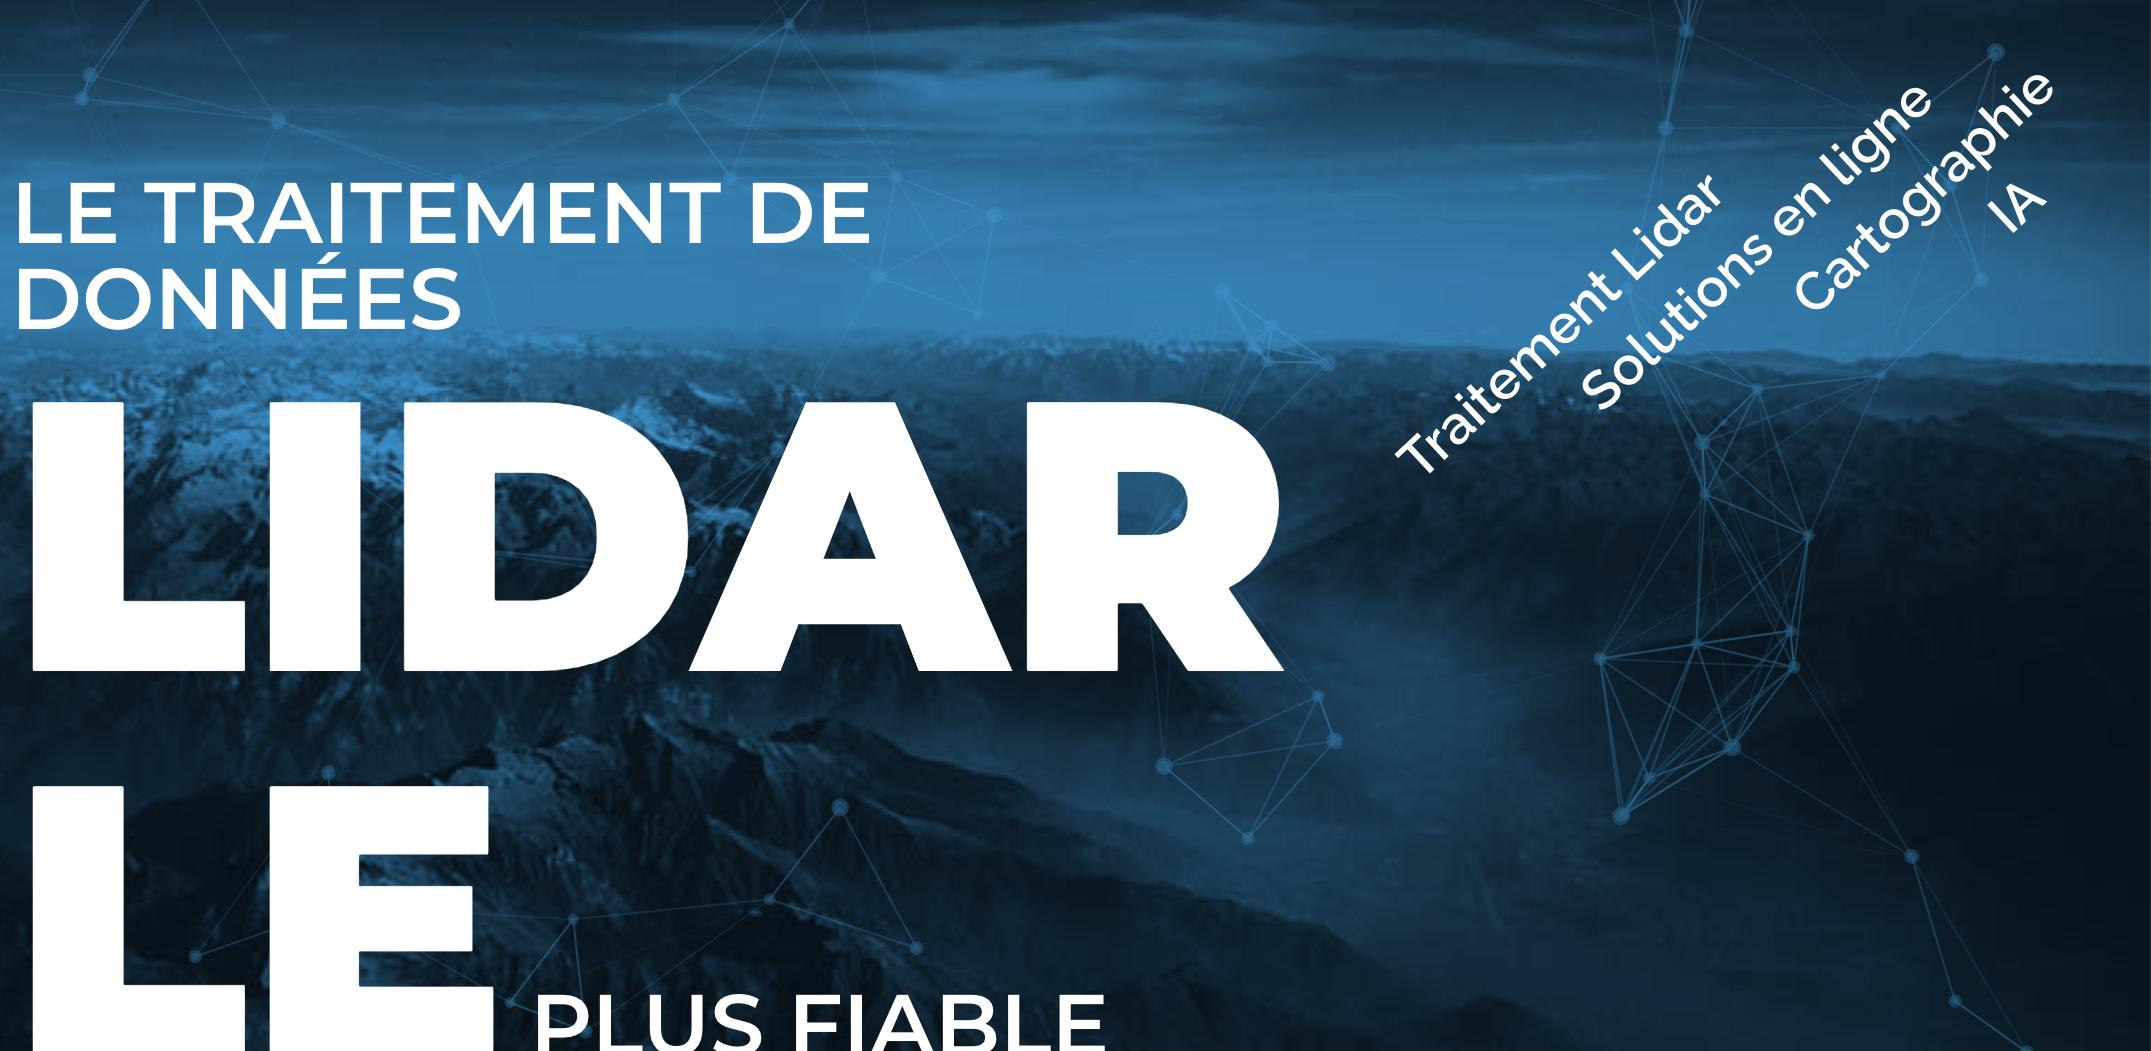 lidar-drone-topographie-archeologie-airdeco-isabelle-le-tellier-imagerie-aerienne-dielmo-3D